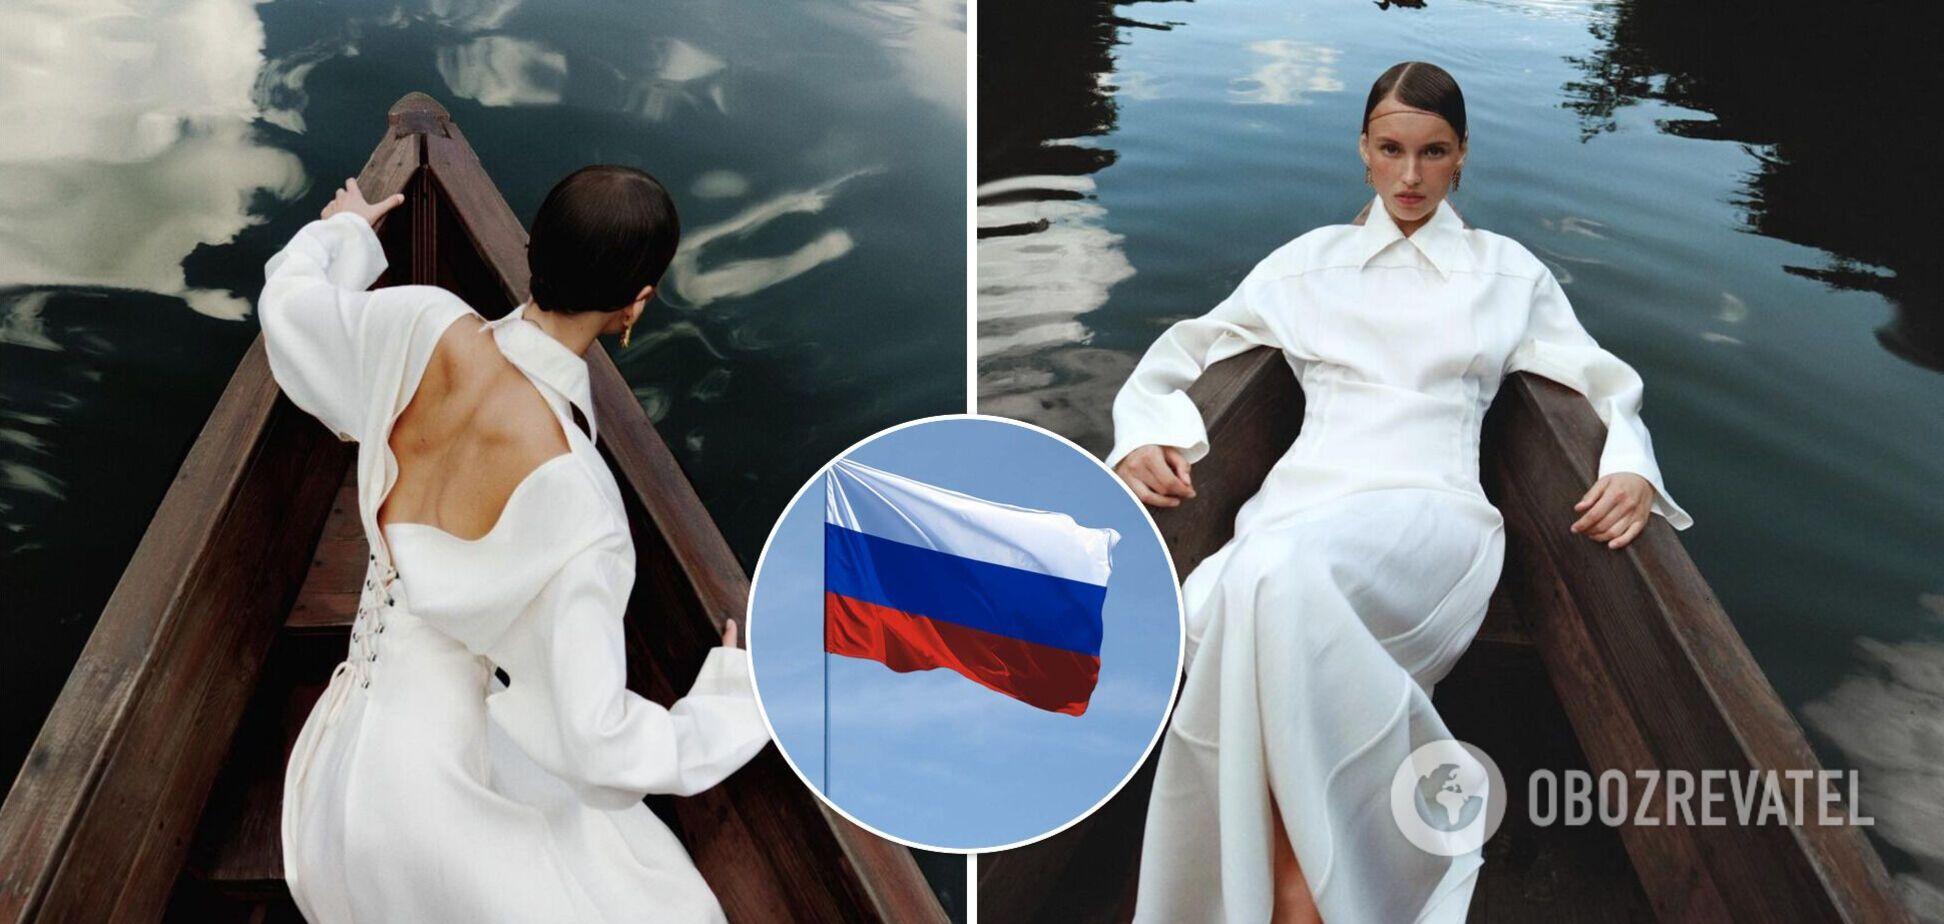 Російський журнал оскандалився обкладинкою, присвяченою 'дружбі' з Україною. Фото